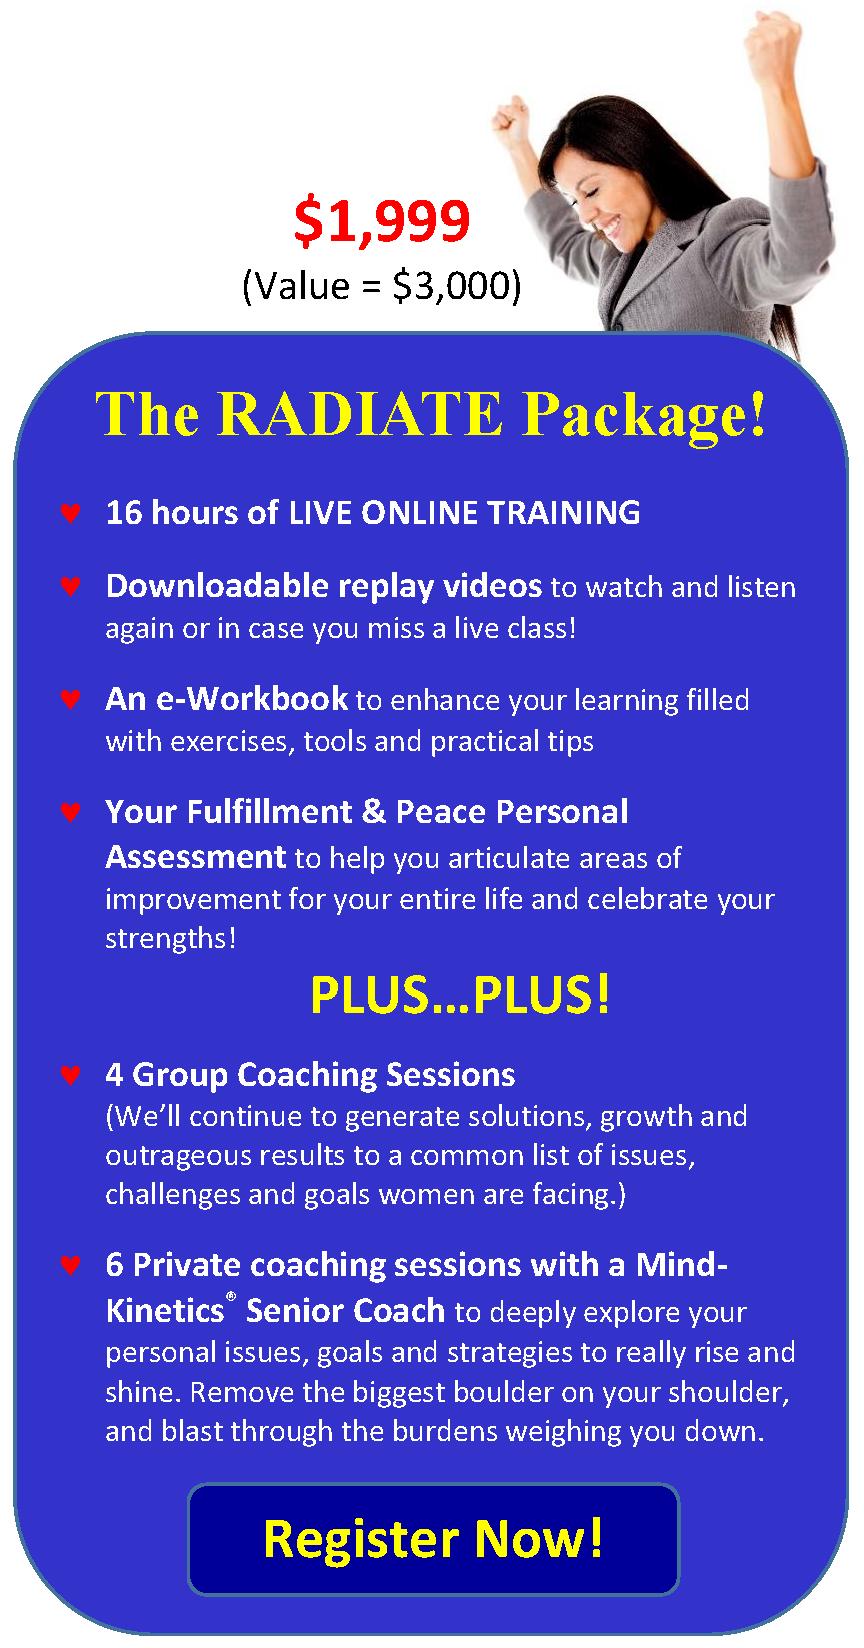 LEAD RADIATE Package